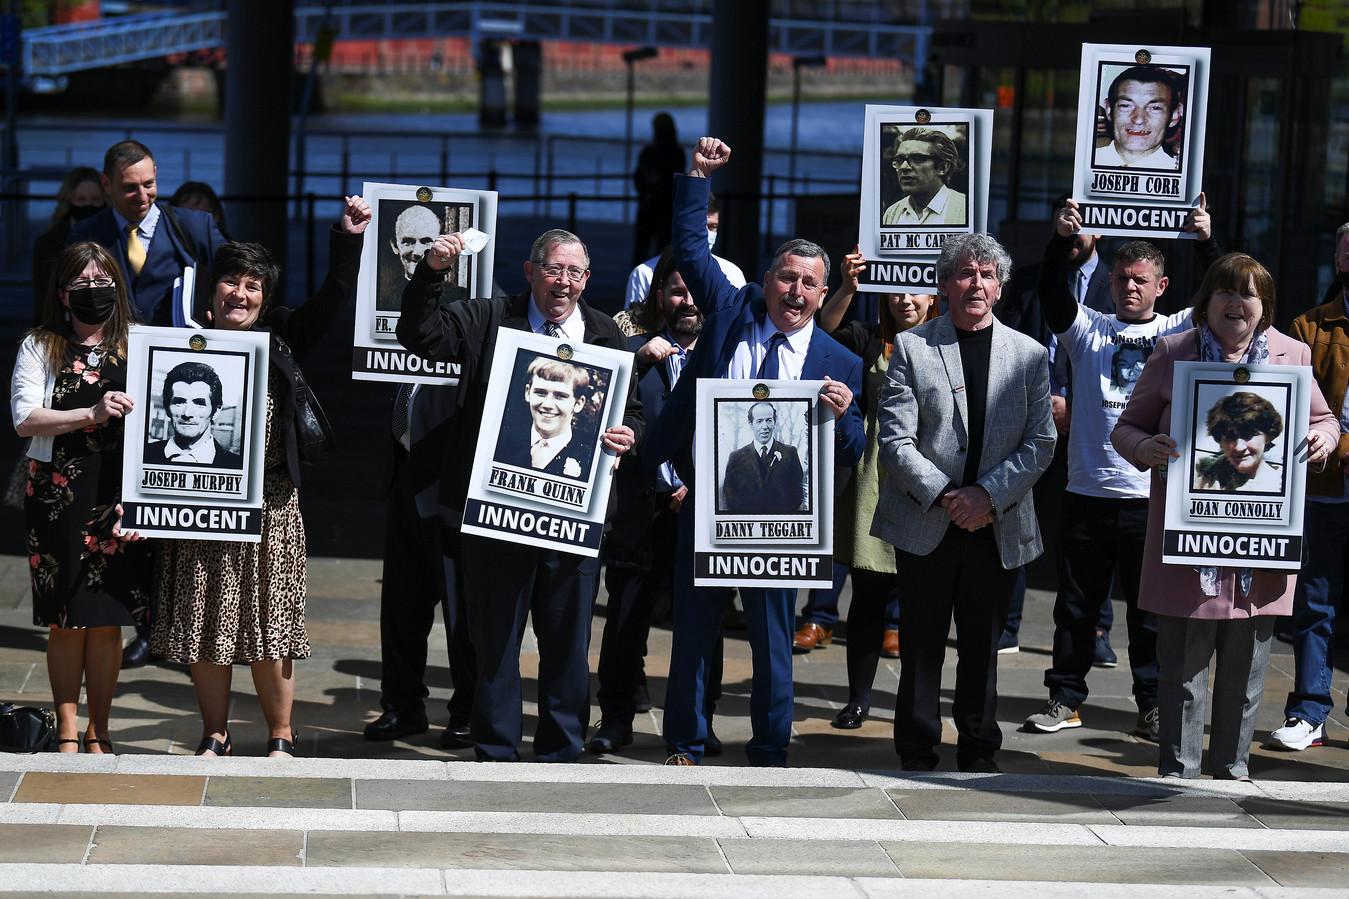 Nabestaanden met foto's van de slachtoffers in Belfast